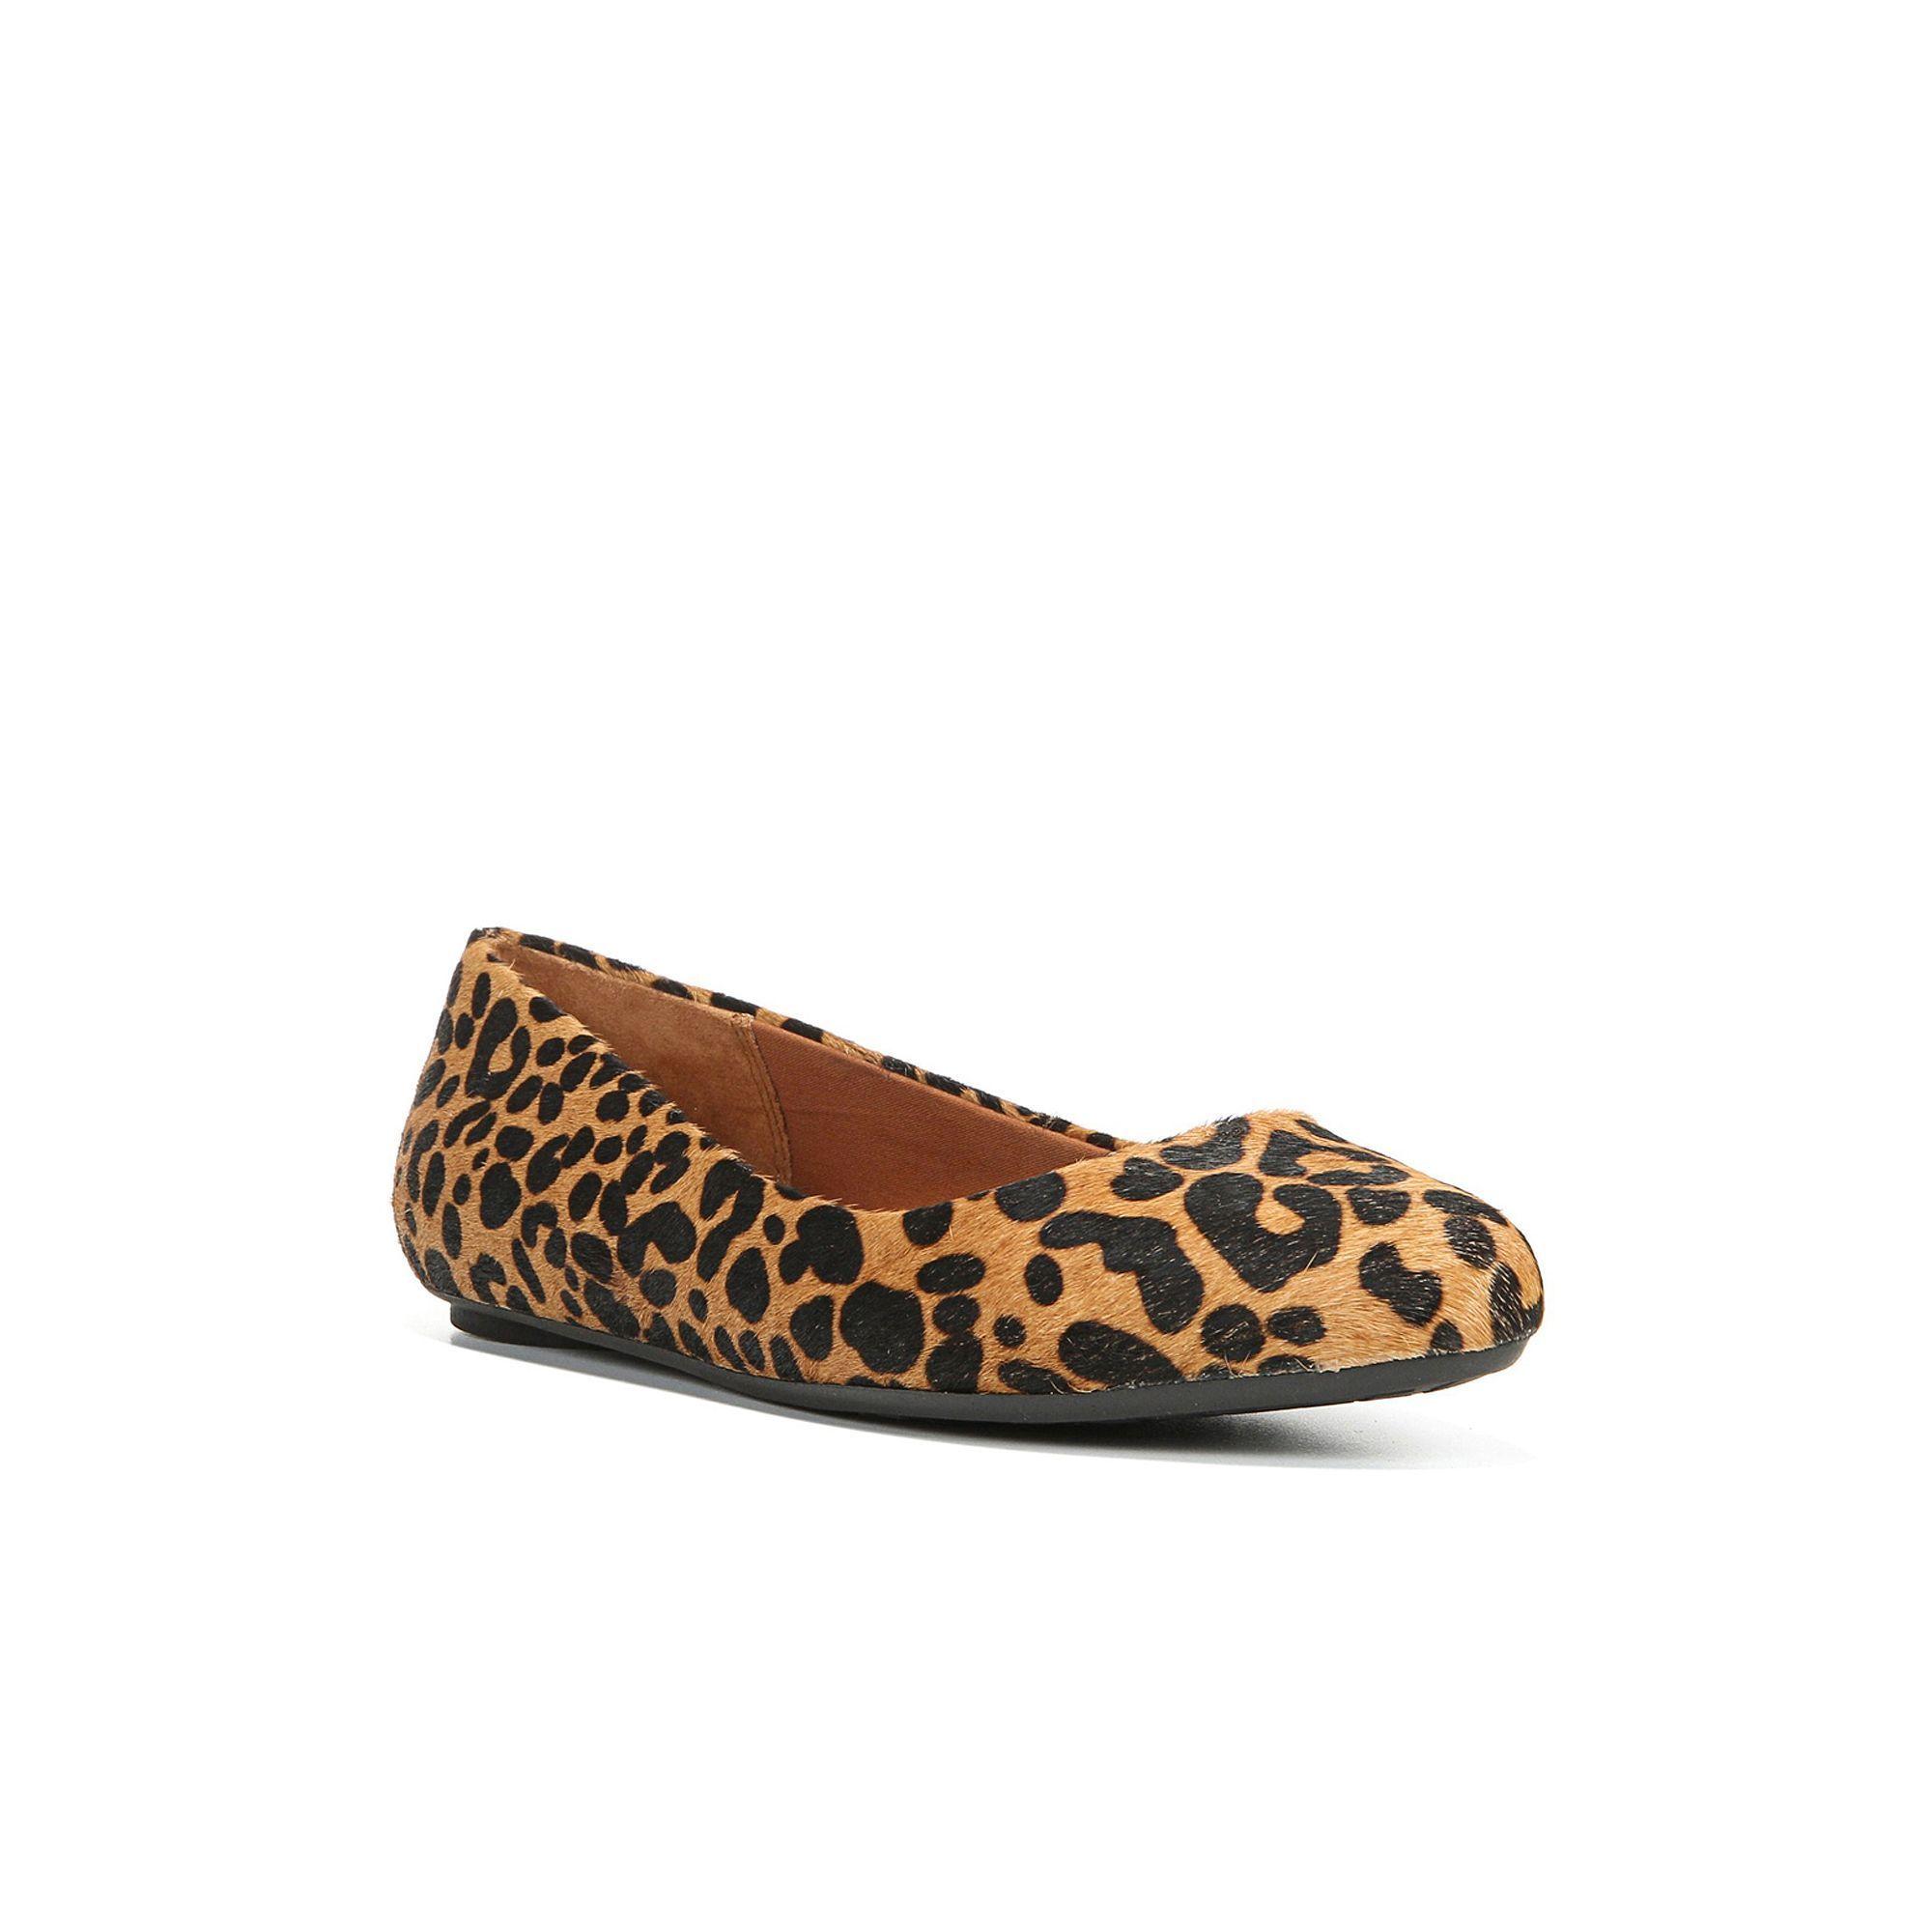 19e7716a8ff2 Dr. Scholl s Really Women s Leopard Print Ballet Flats